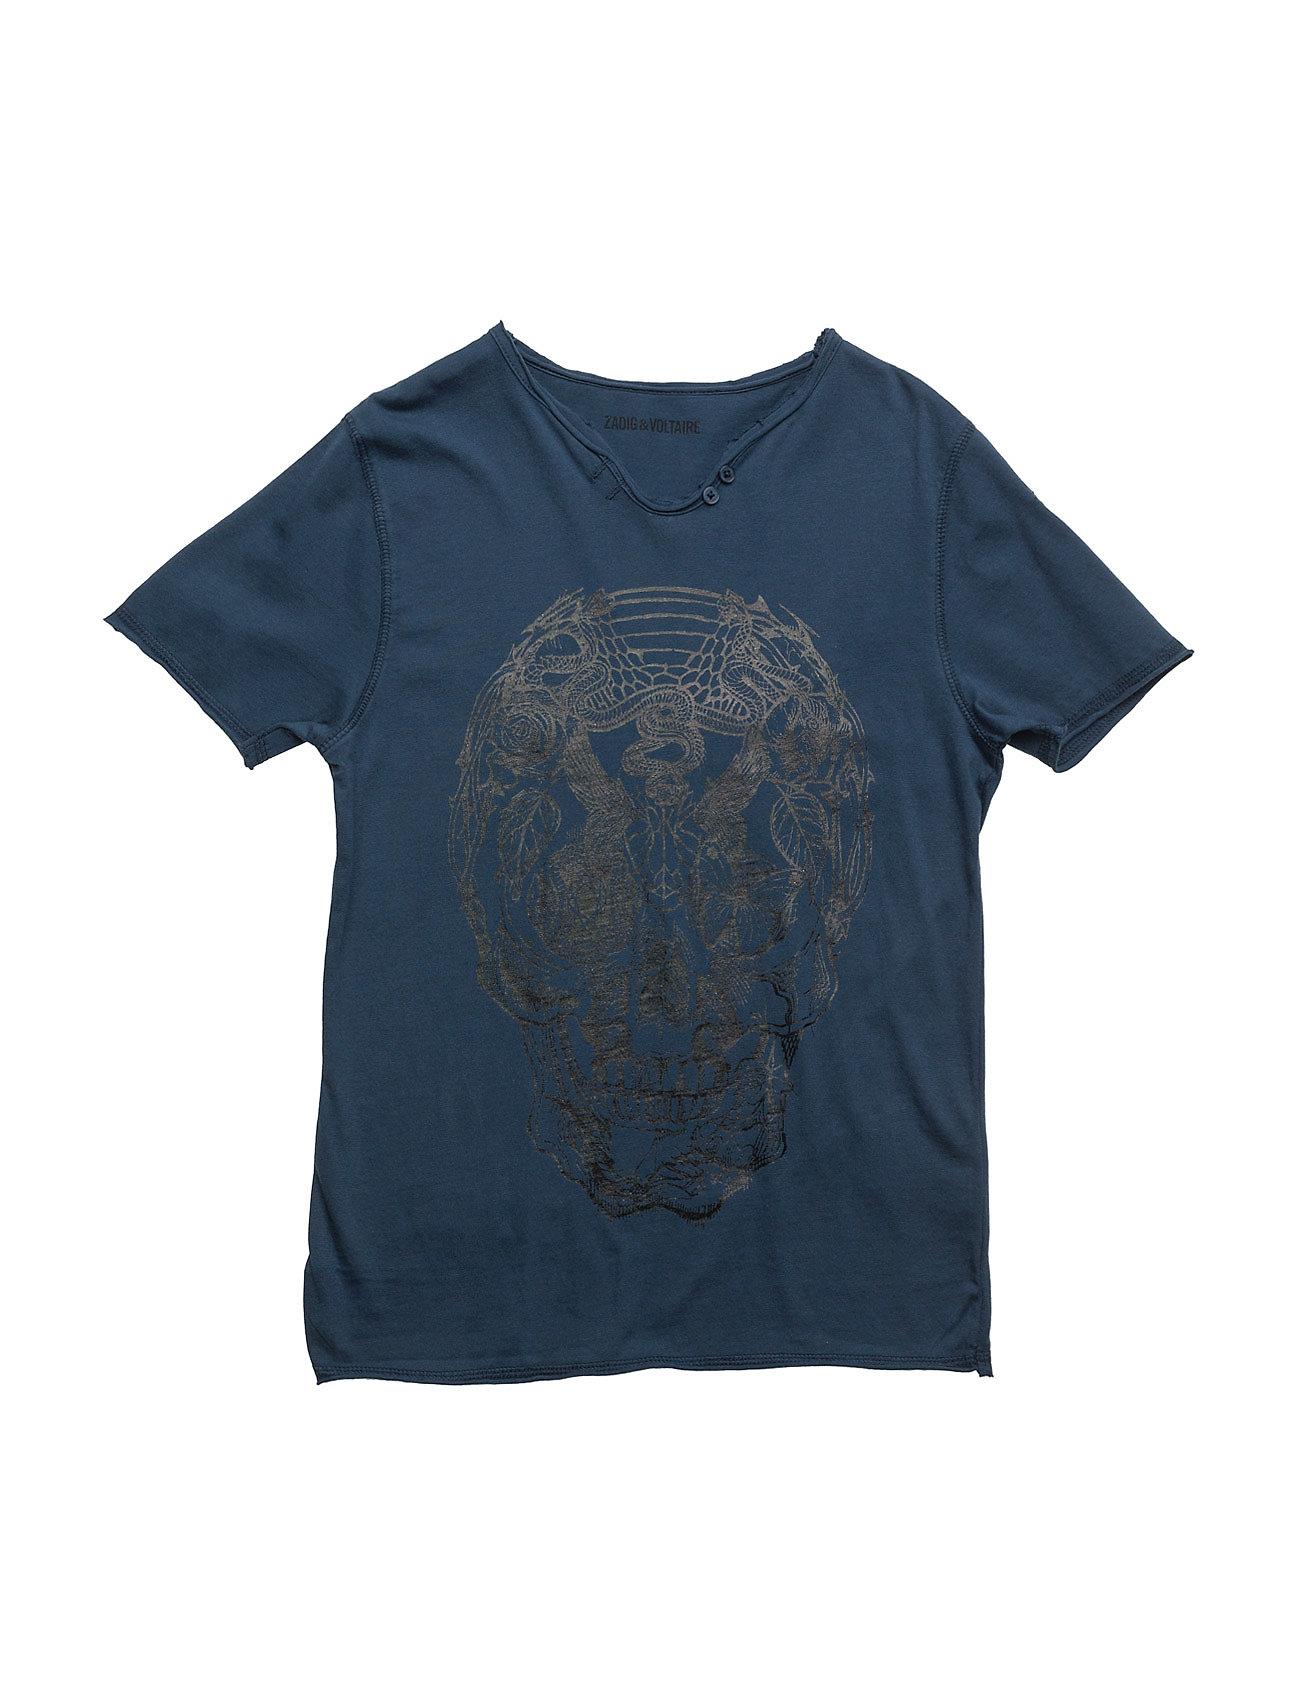 Short Sleeves Tee-Shirt Zadig & Voltaire Kortærmede t-shirts til Børn i Blå